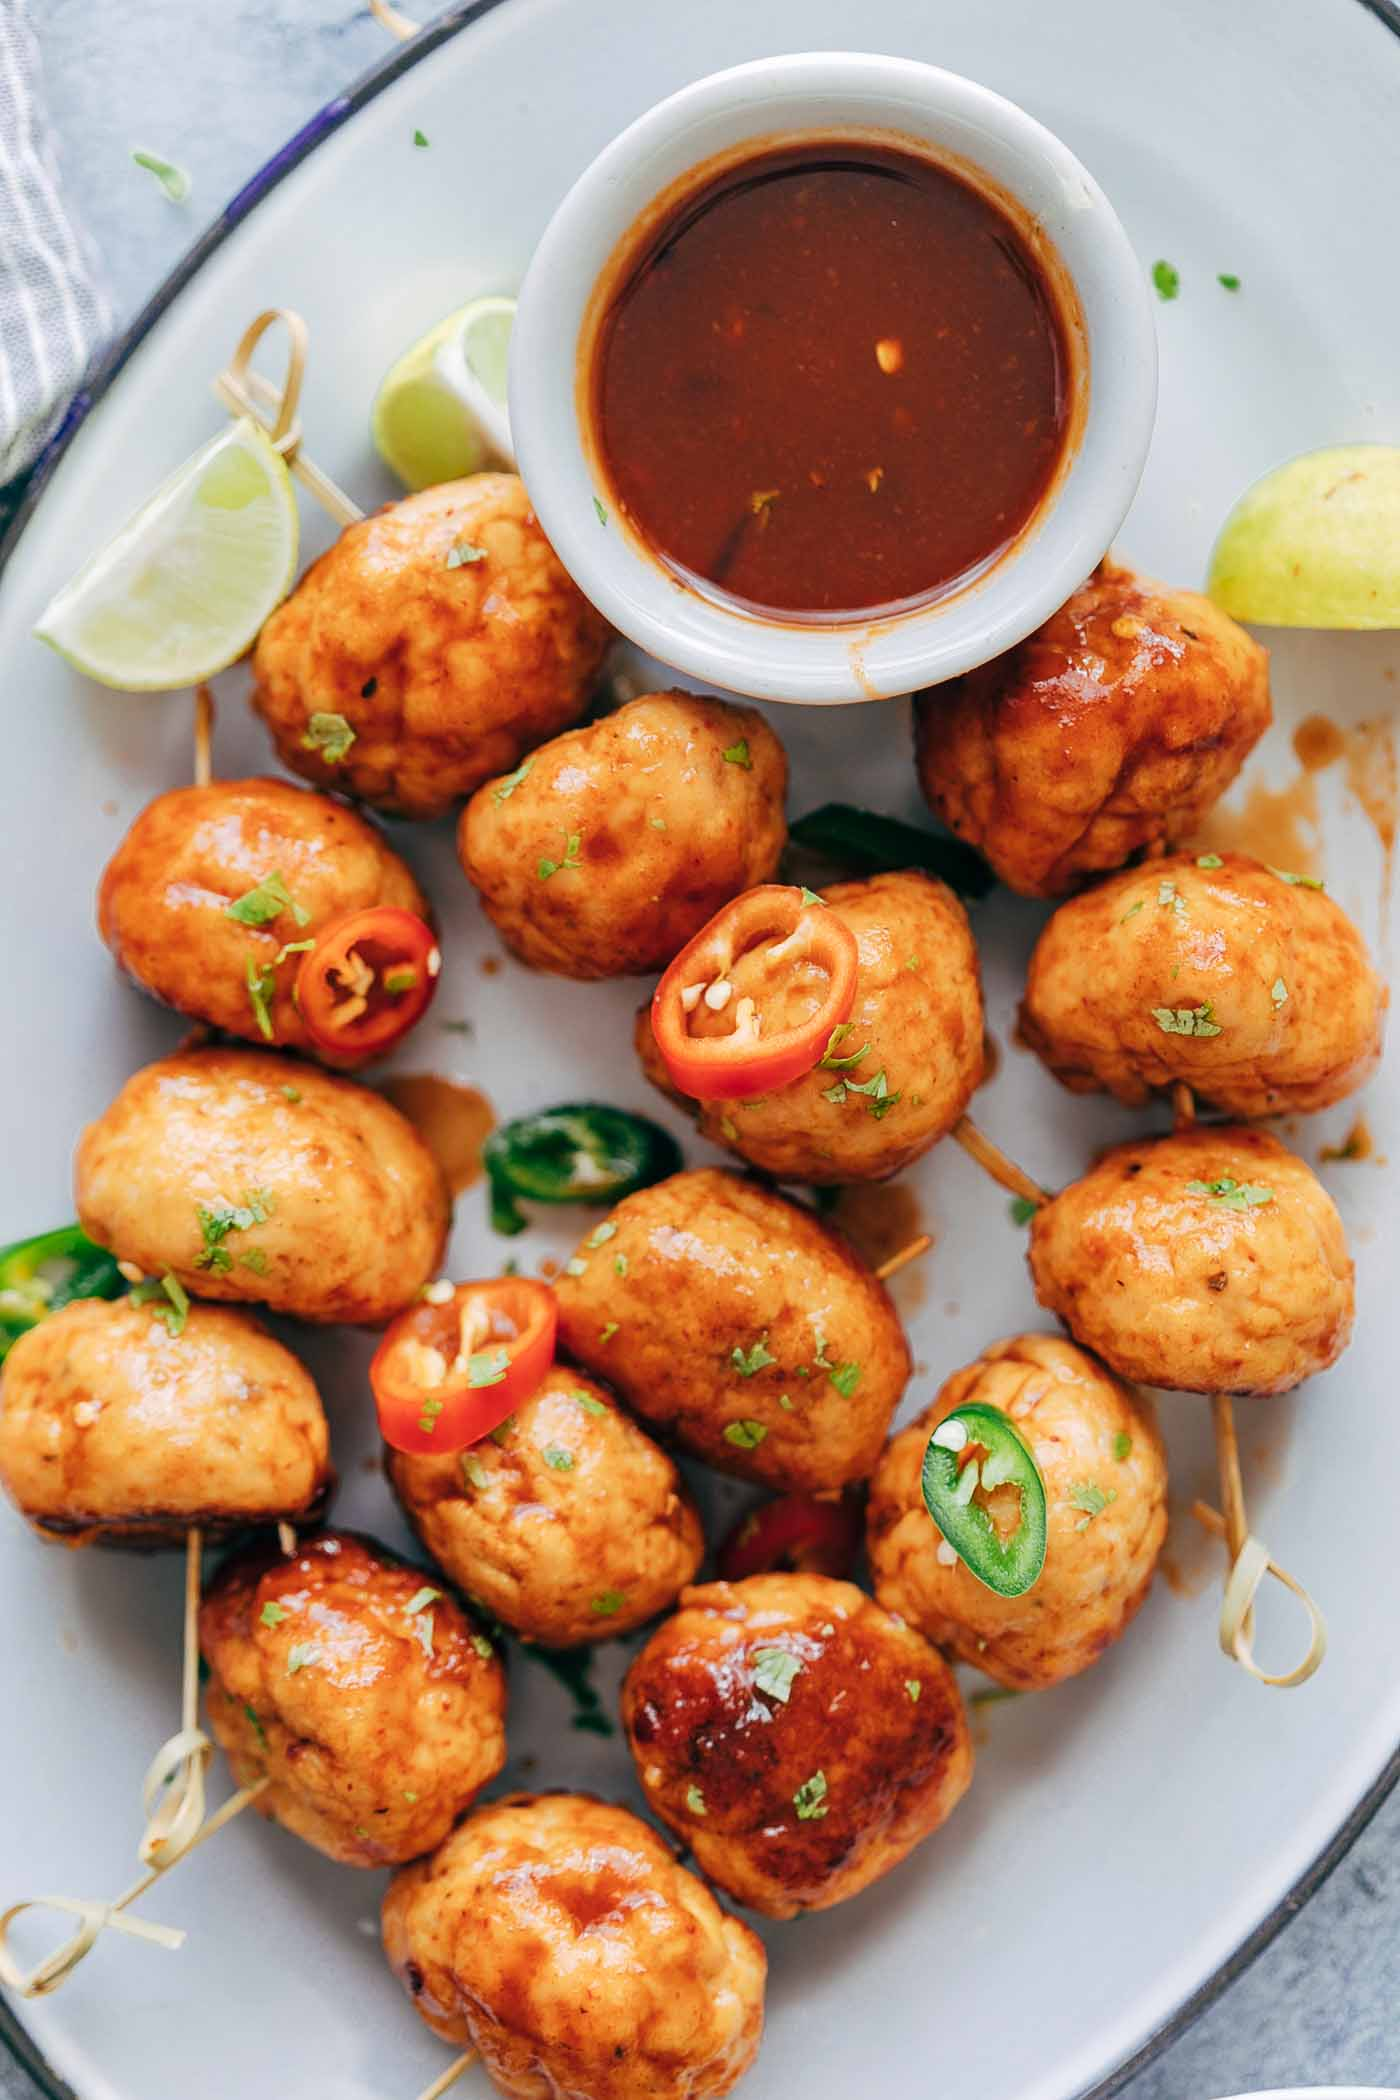 Baked-Firecracker-Chicken-Meatballs-Juicy-Spicy-and-Saucy-2.jpg